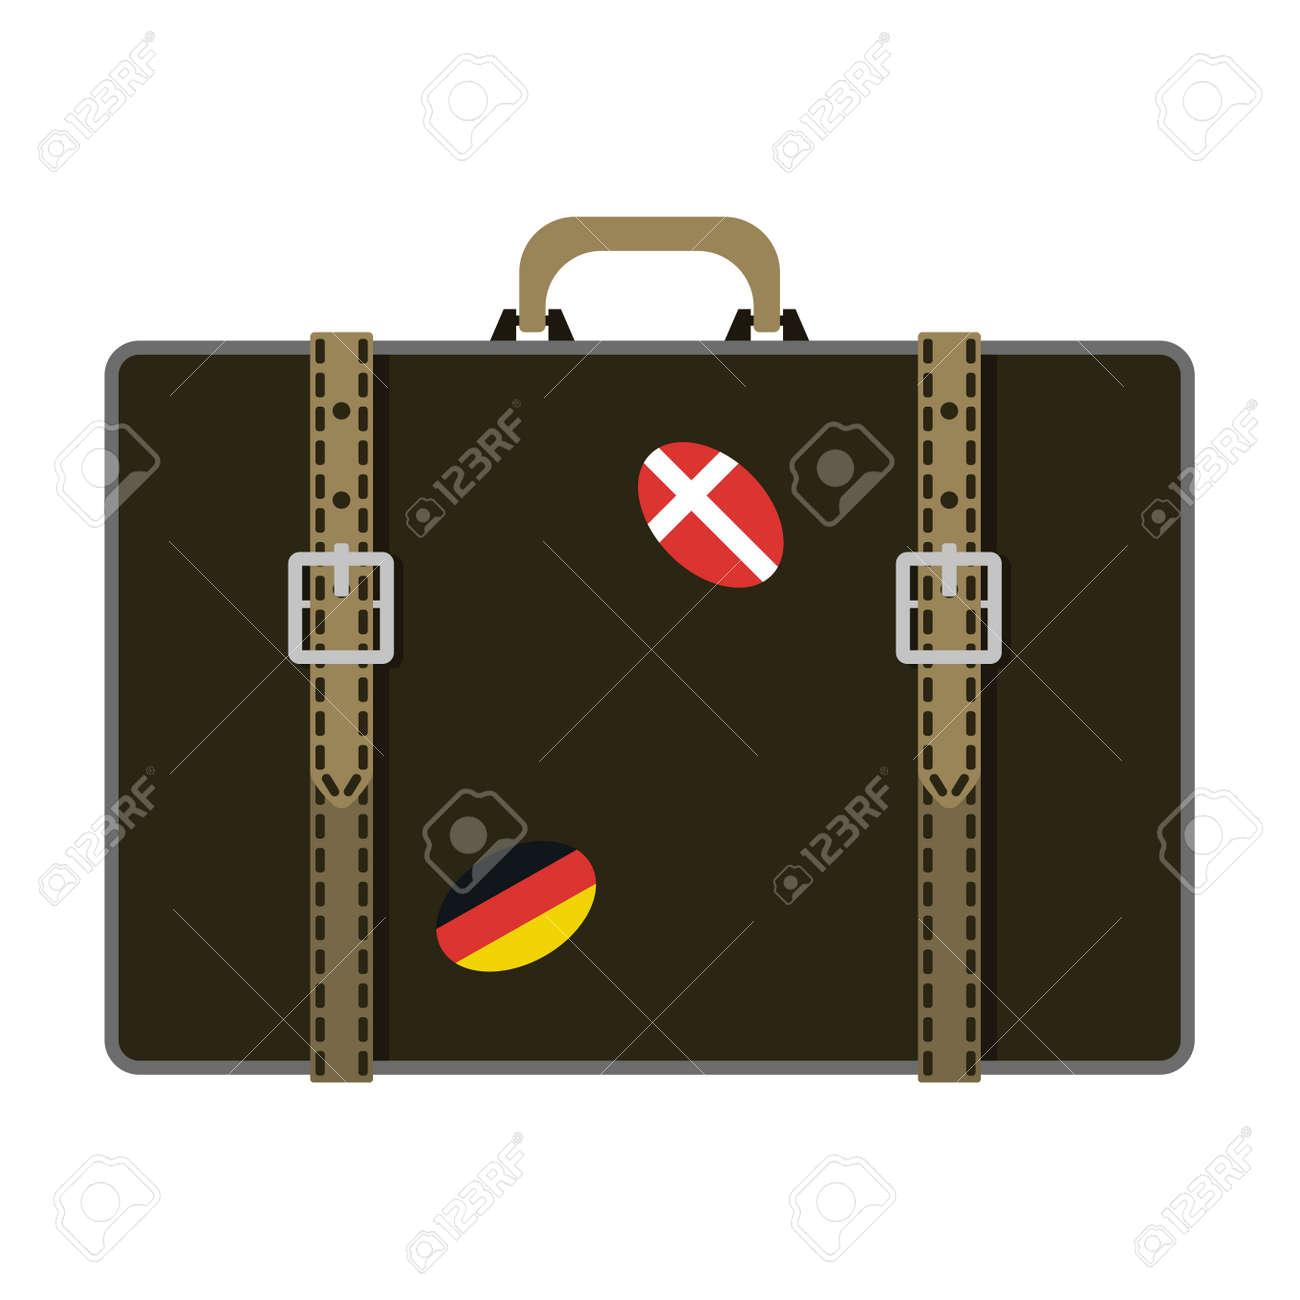 Tourisme Voyage bagages de la mode et de vacances cuir poignée grand emballage mallette. Voyage sac de destination sur les roues. vecteur valise de